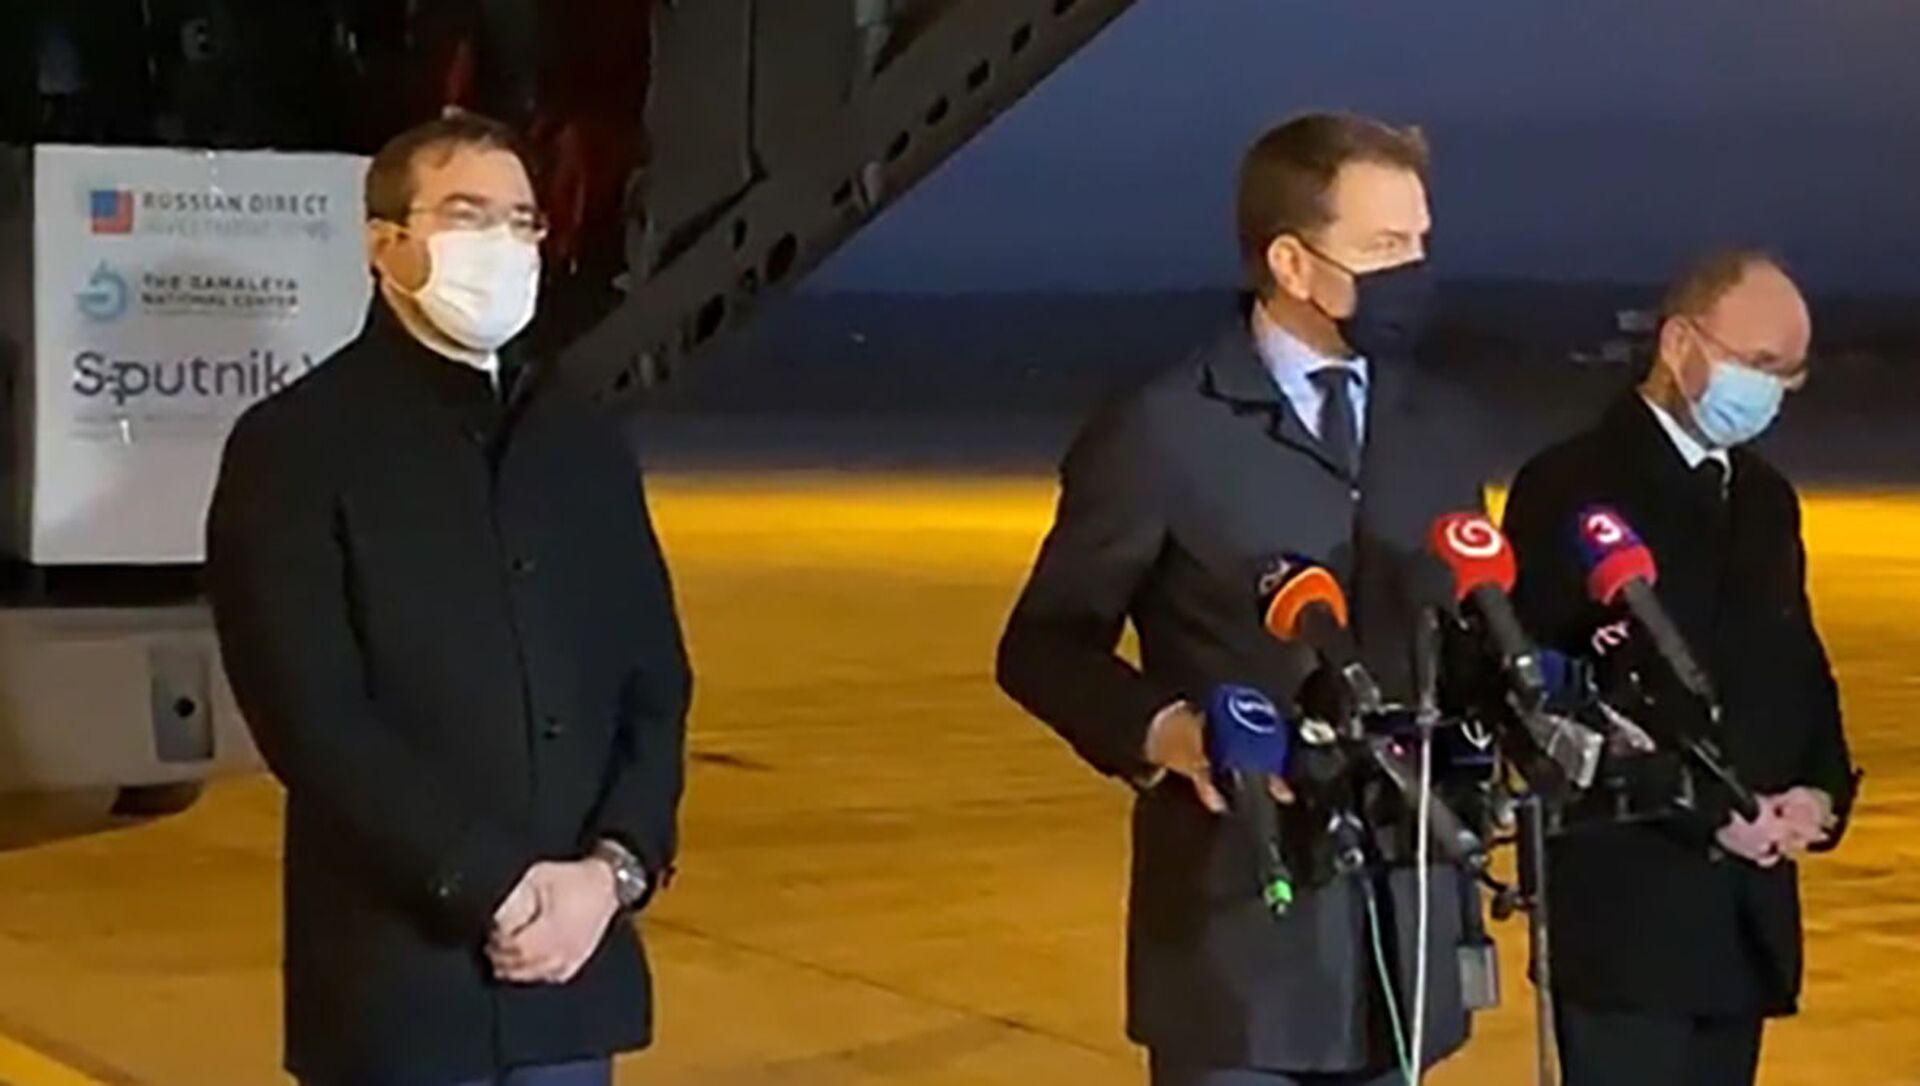 Slovenský premiér Igor Matovič (uprostřed) na letišti v Košicích, kam byly dopraveny první dodávky ruské vakcíny Sputnik V - Sputnik Česká republika, 1920, 05.03.2021